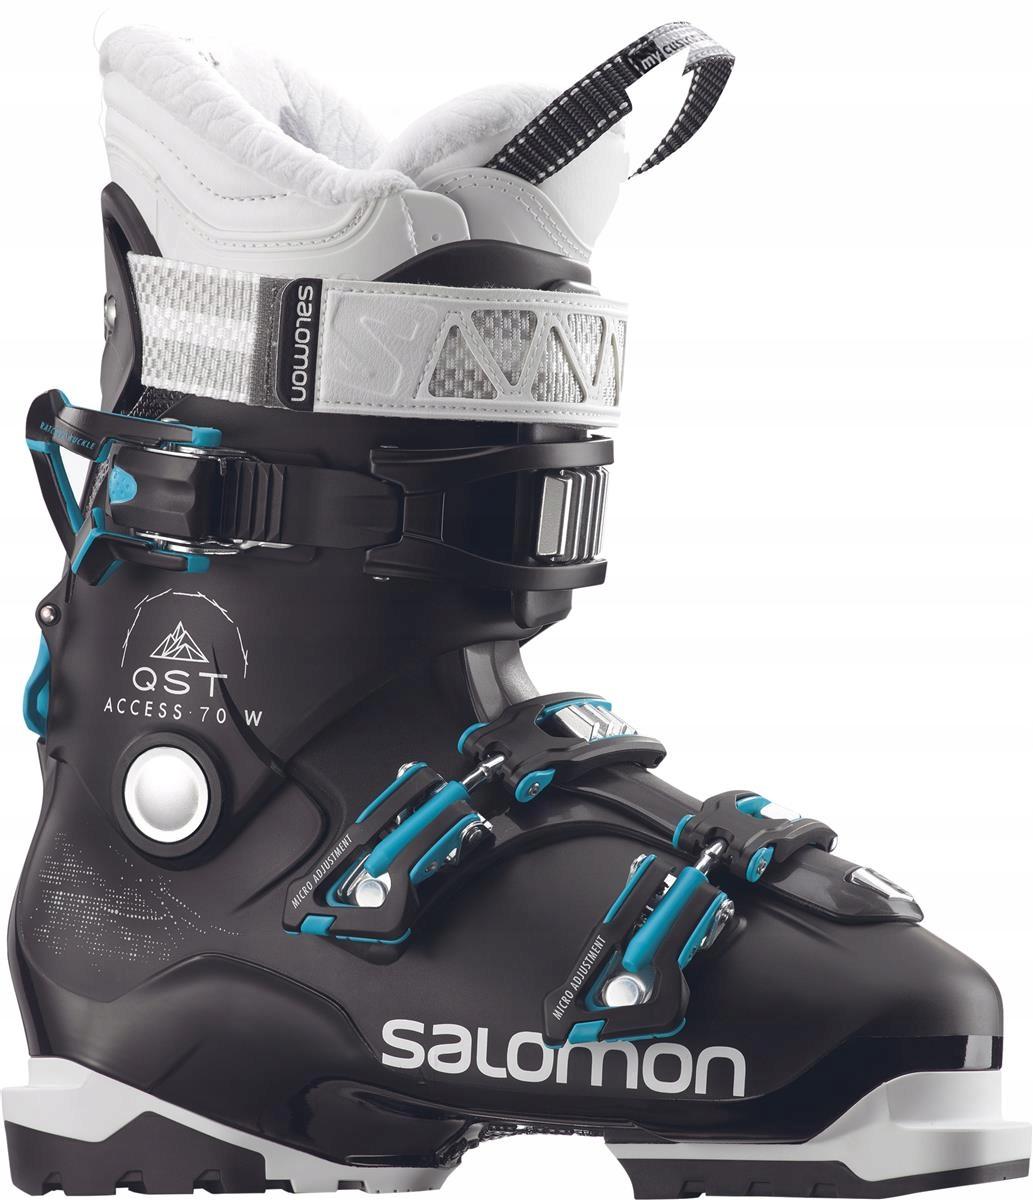 Buty narciarskie Salomon X Access 70 W Czarny 27